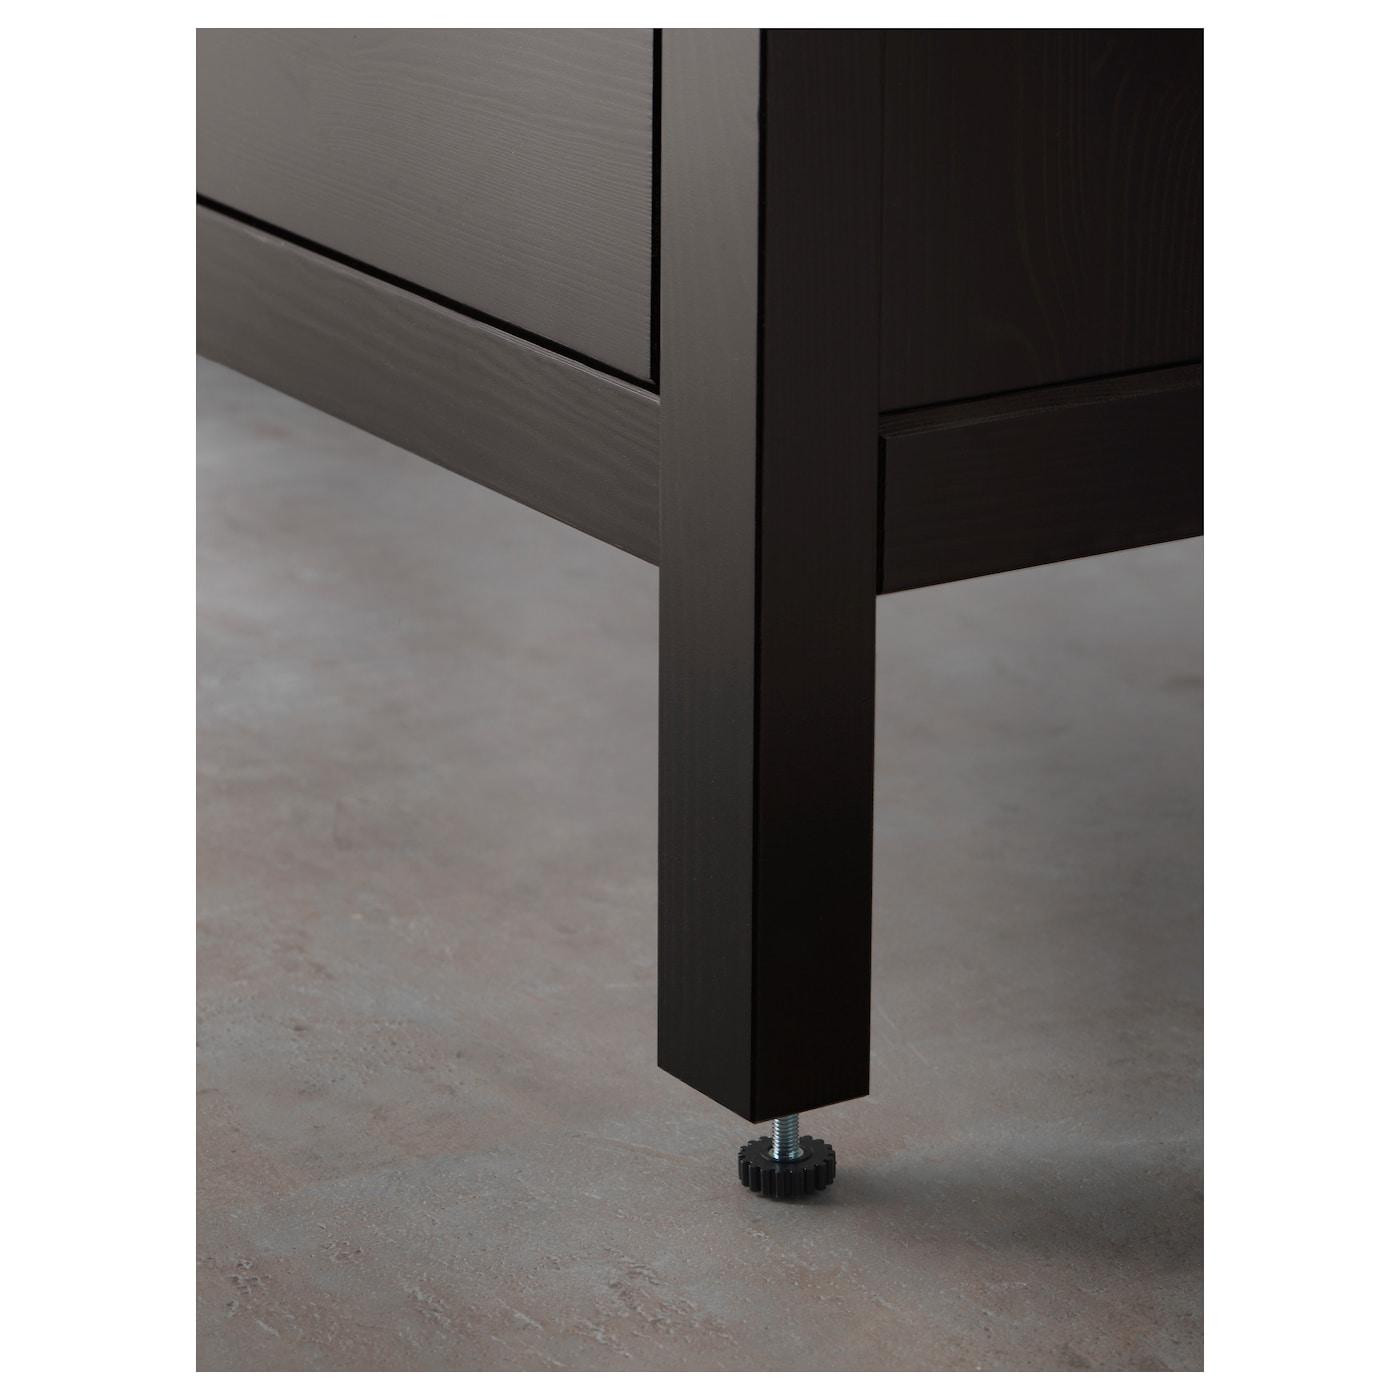 Hemnes r ttviken meuble lavabo 2tir teinture noir brun for Meubles lavabo ikea